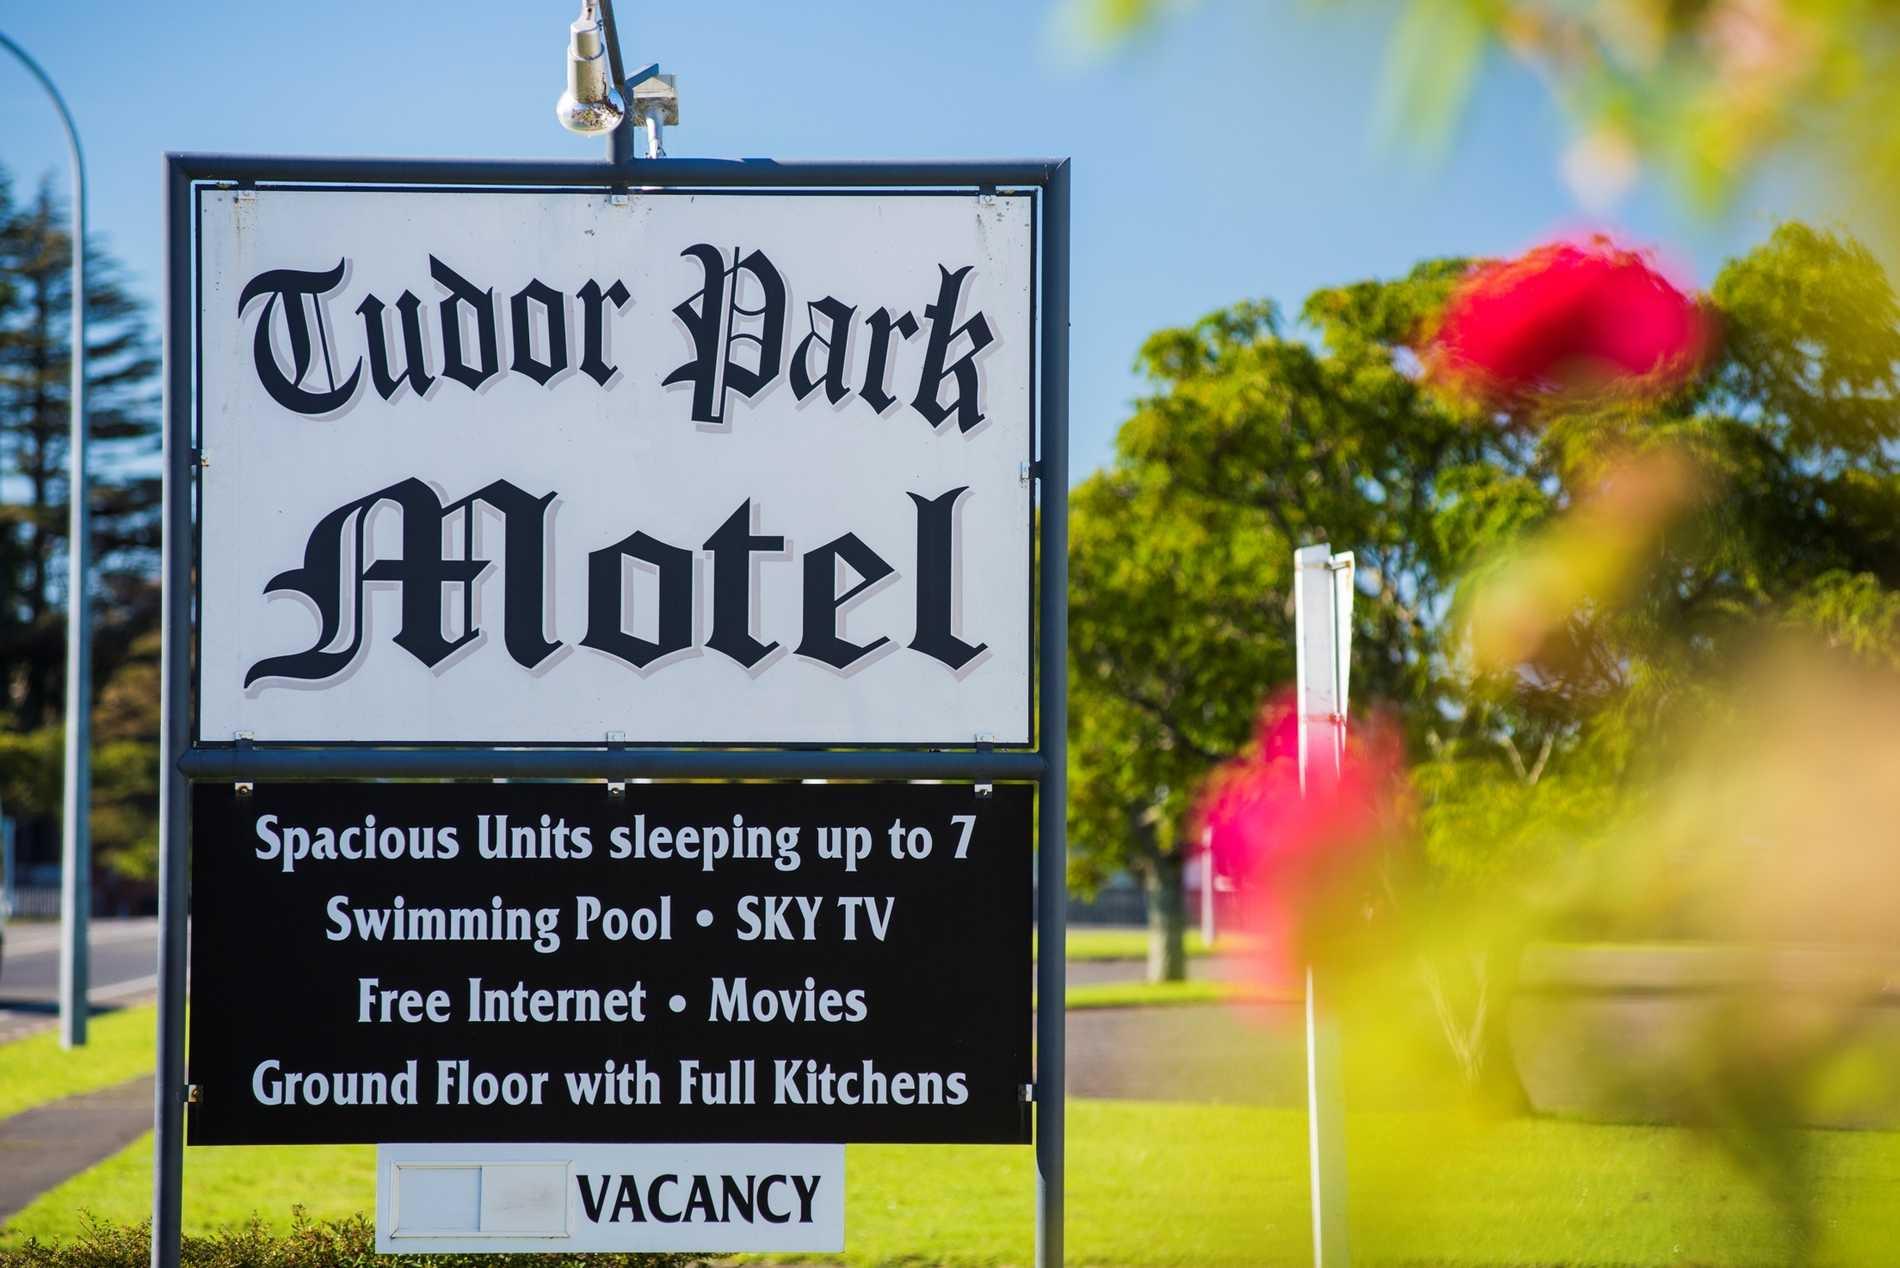 Welcome to Tudor Park